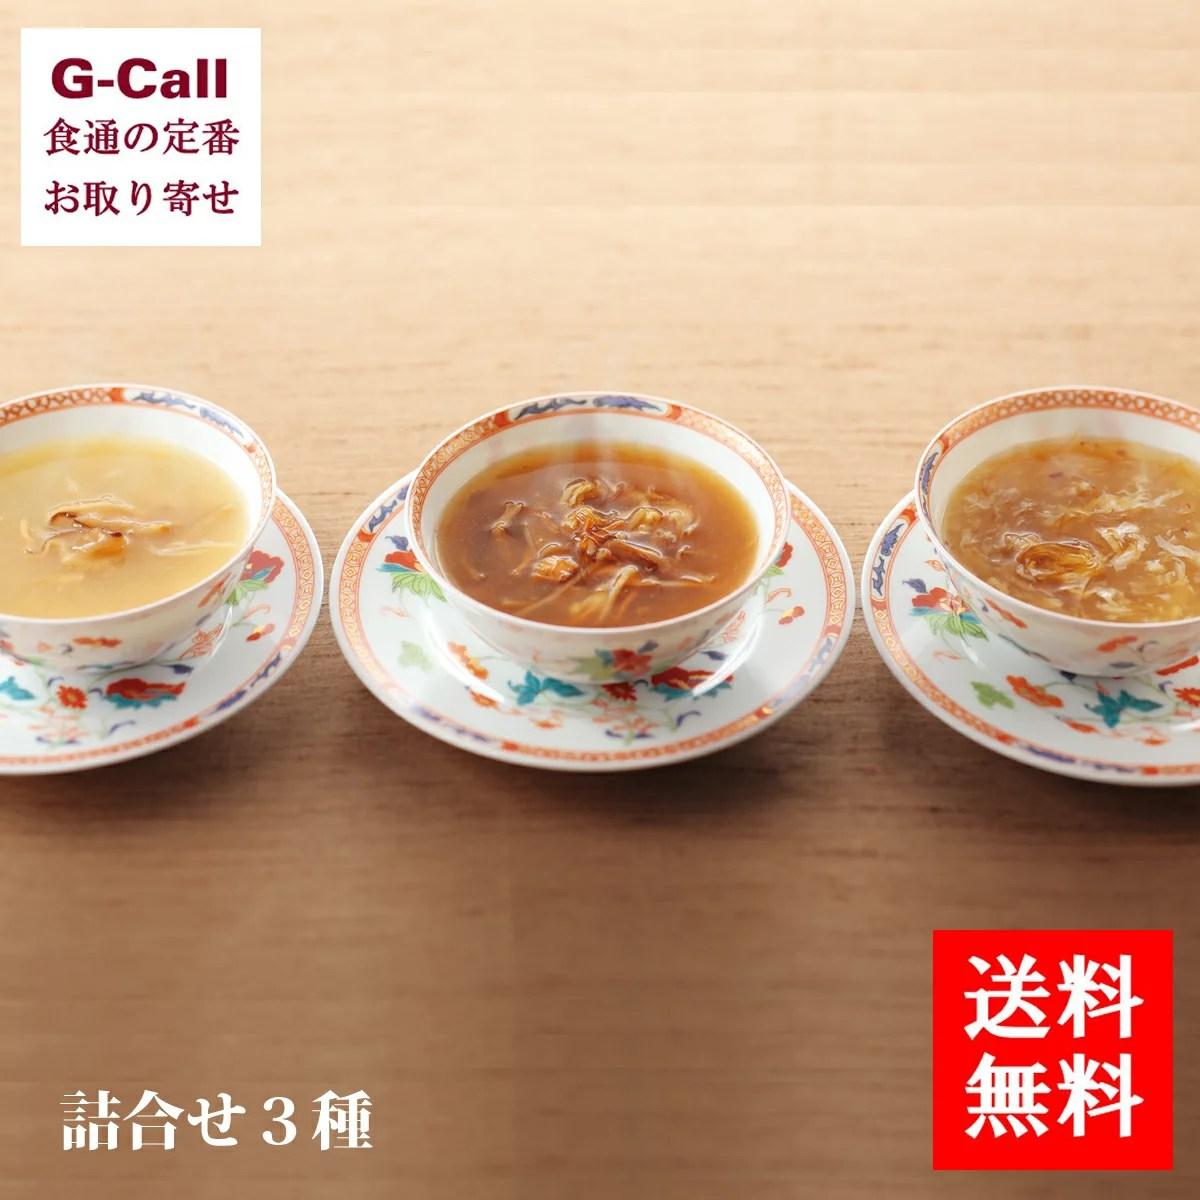 送料無料 銀座和光 ふかひれスープ詰合せ3種  ギフト/贈り物/プレゼント/お取